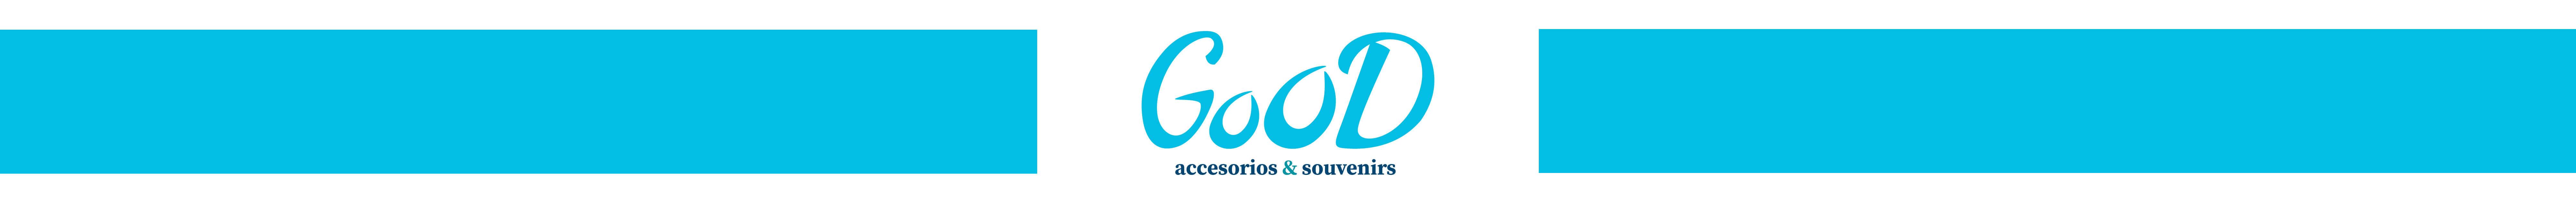 Good Accesorios y Souvenirs